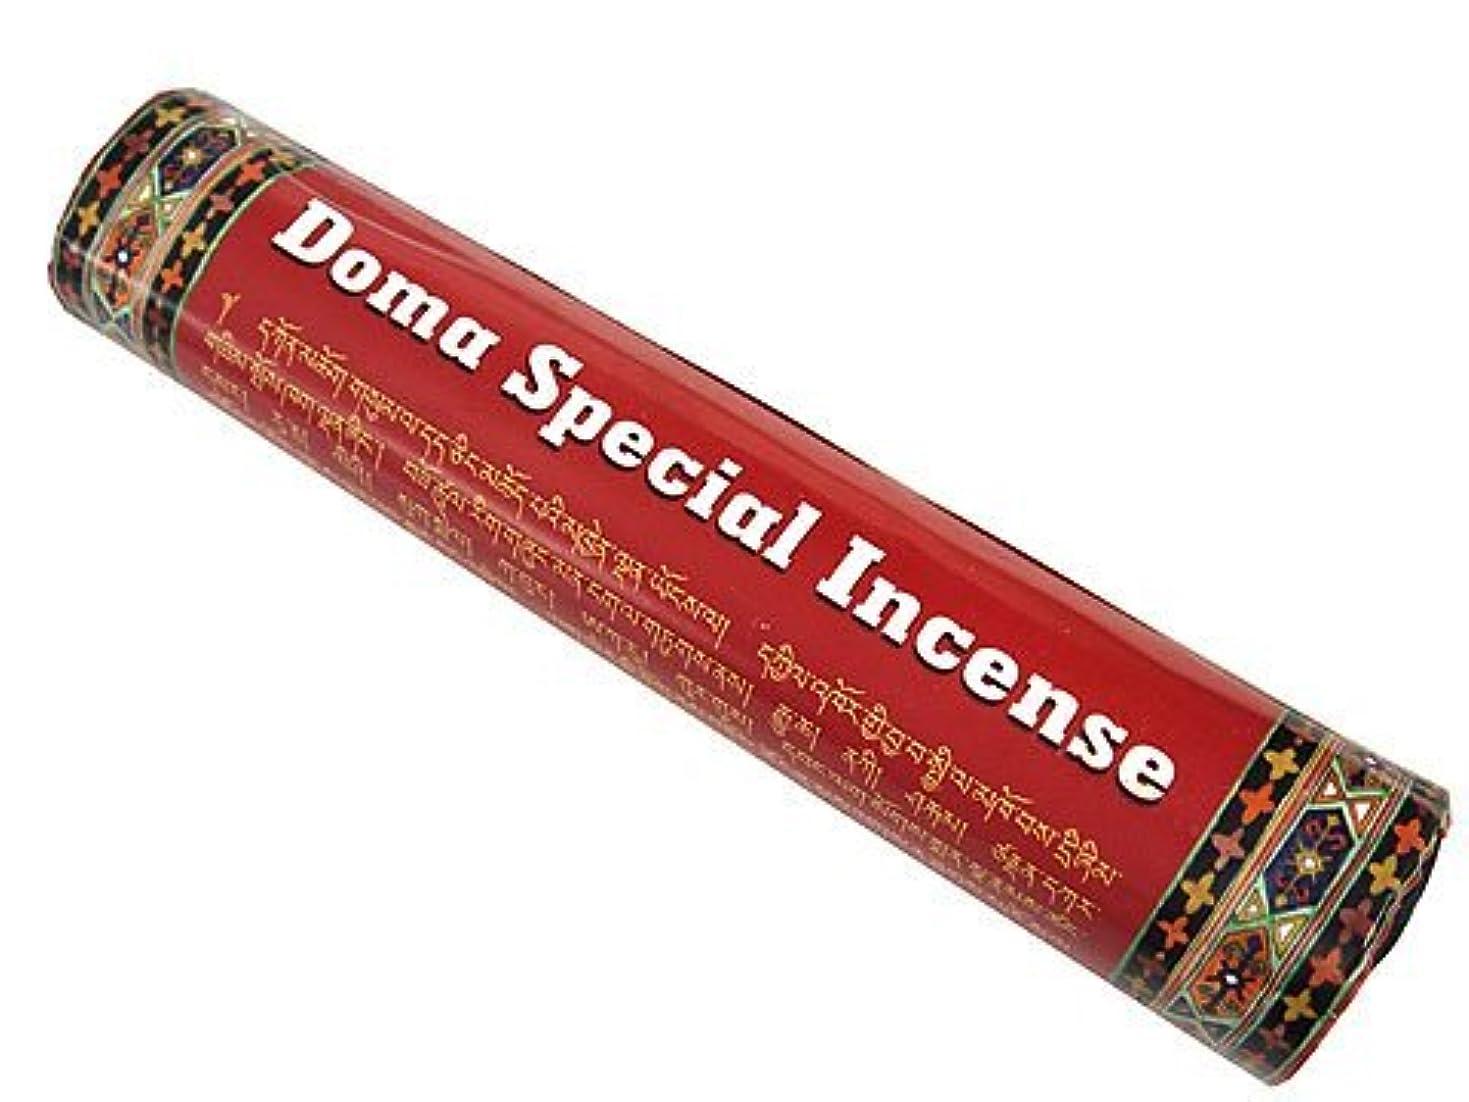 割合令状認めるドマハーバルインセンス Doma Herbal Incense【DomaSpecialIncense ドマスペシャル】